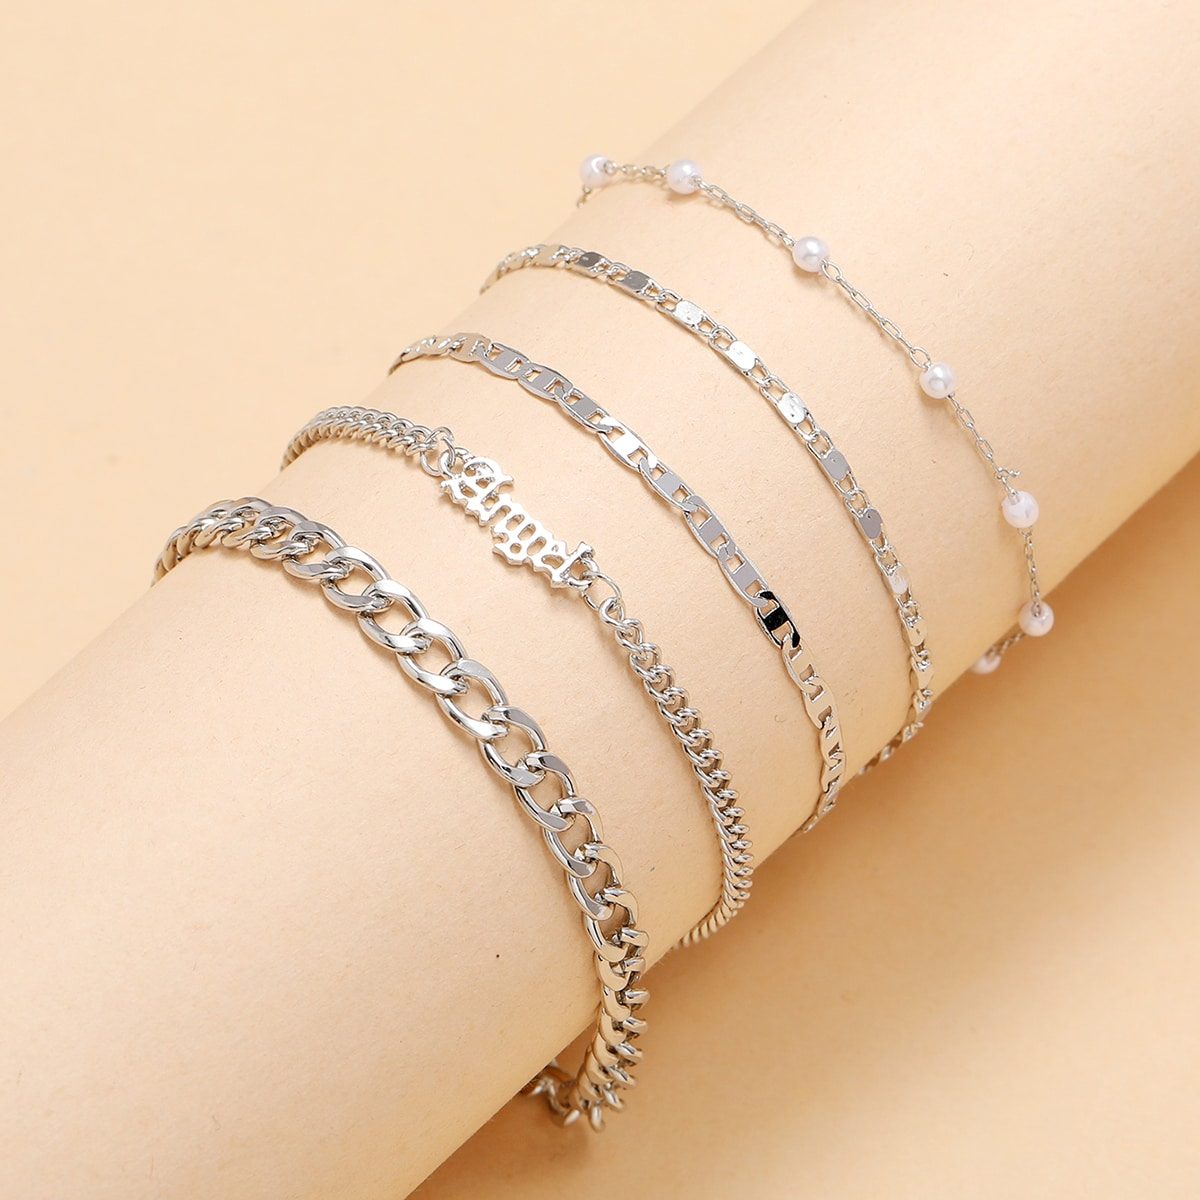 5pcs Letter & Faux Pearl Decor Bracelet